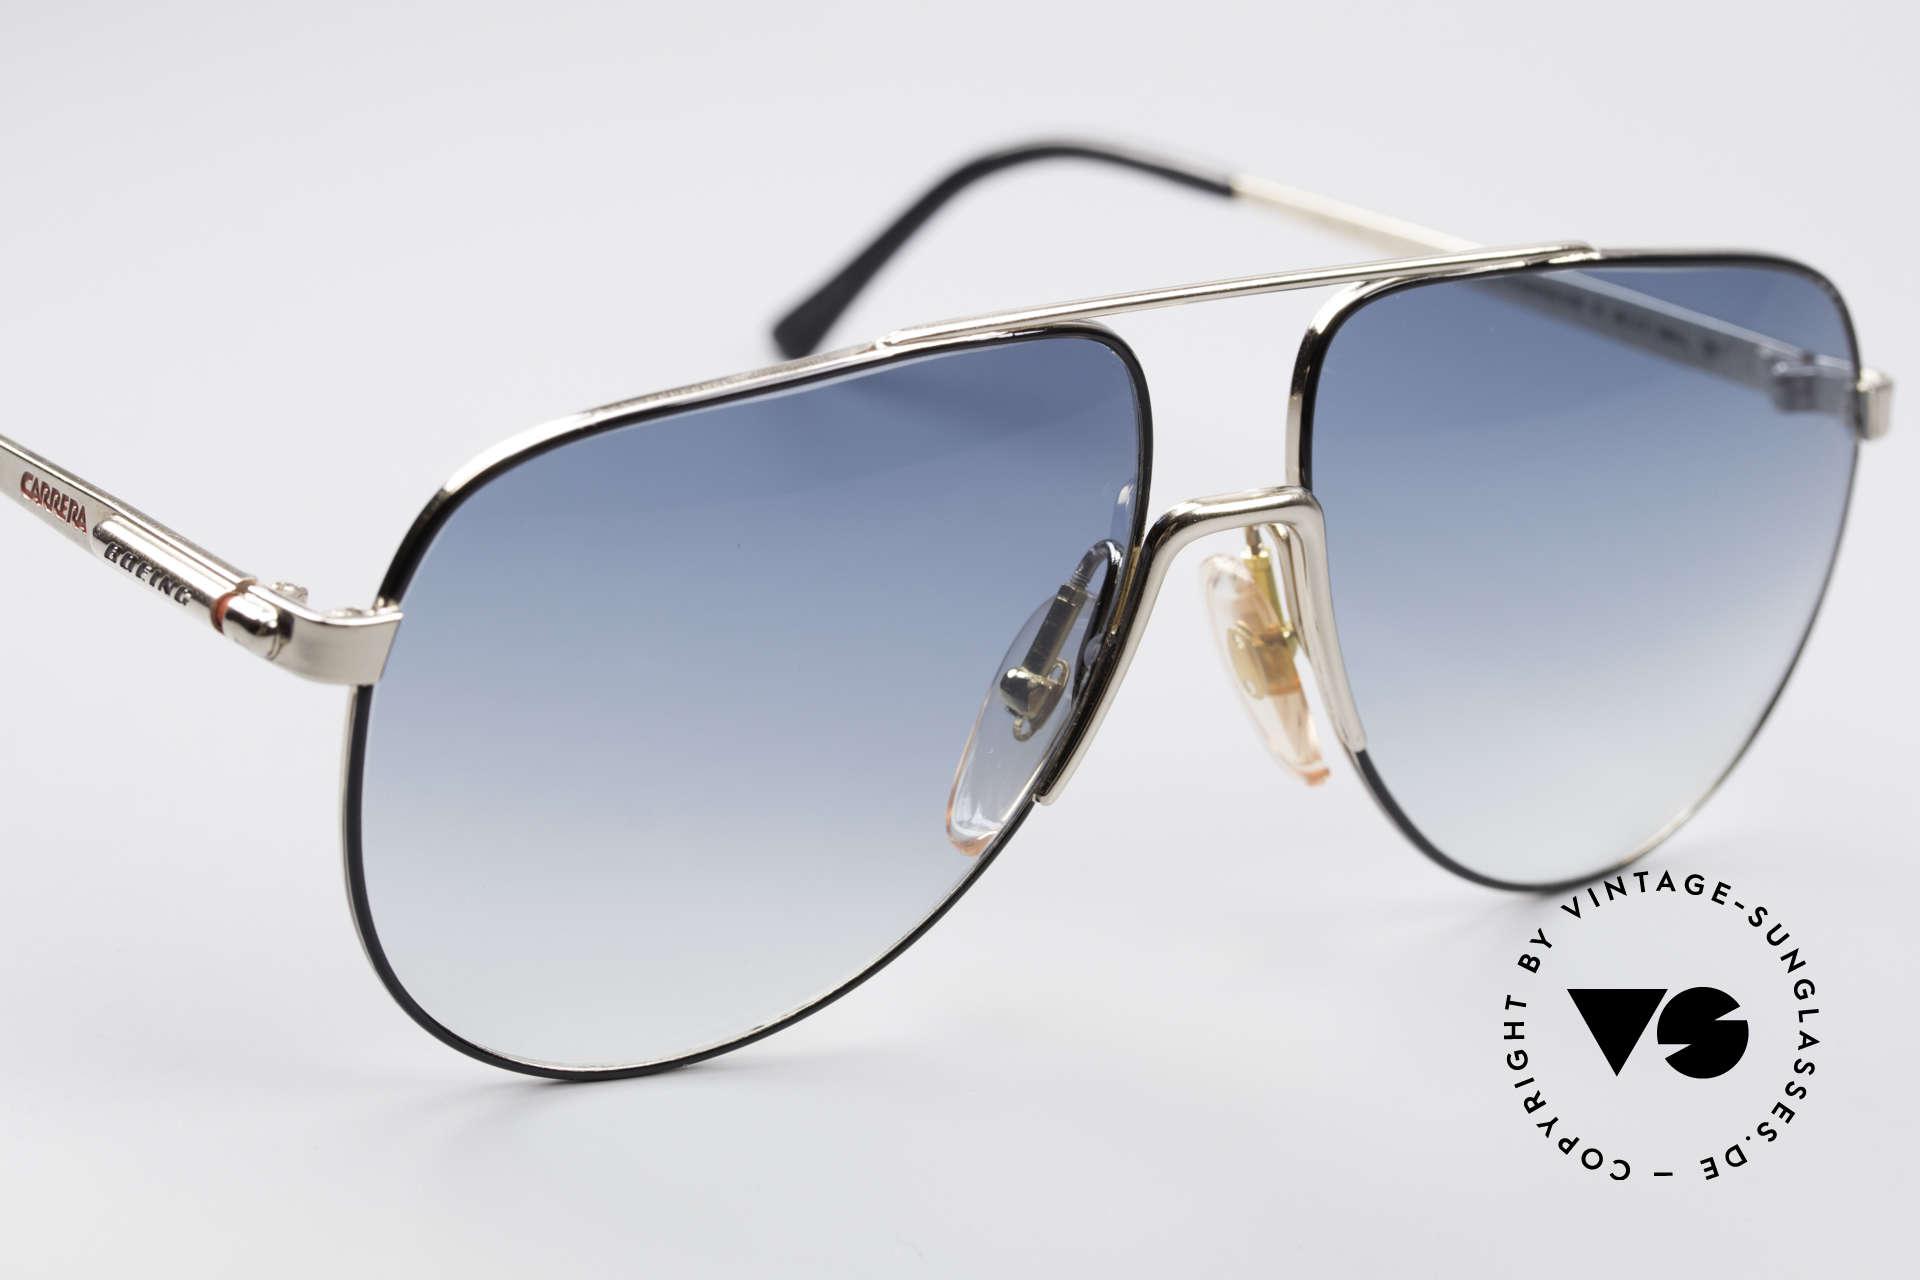 Boeing 5730 Echte Pilotensonnenbrille, Kleinst-Serie mit Seriennr. von 1988/89 (Sammlerstück), Passend für Herren